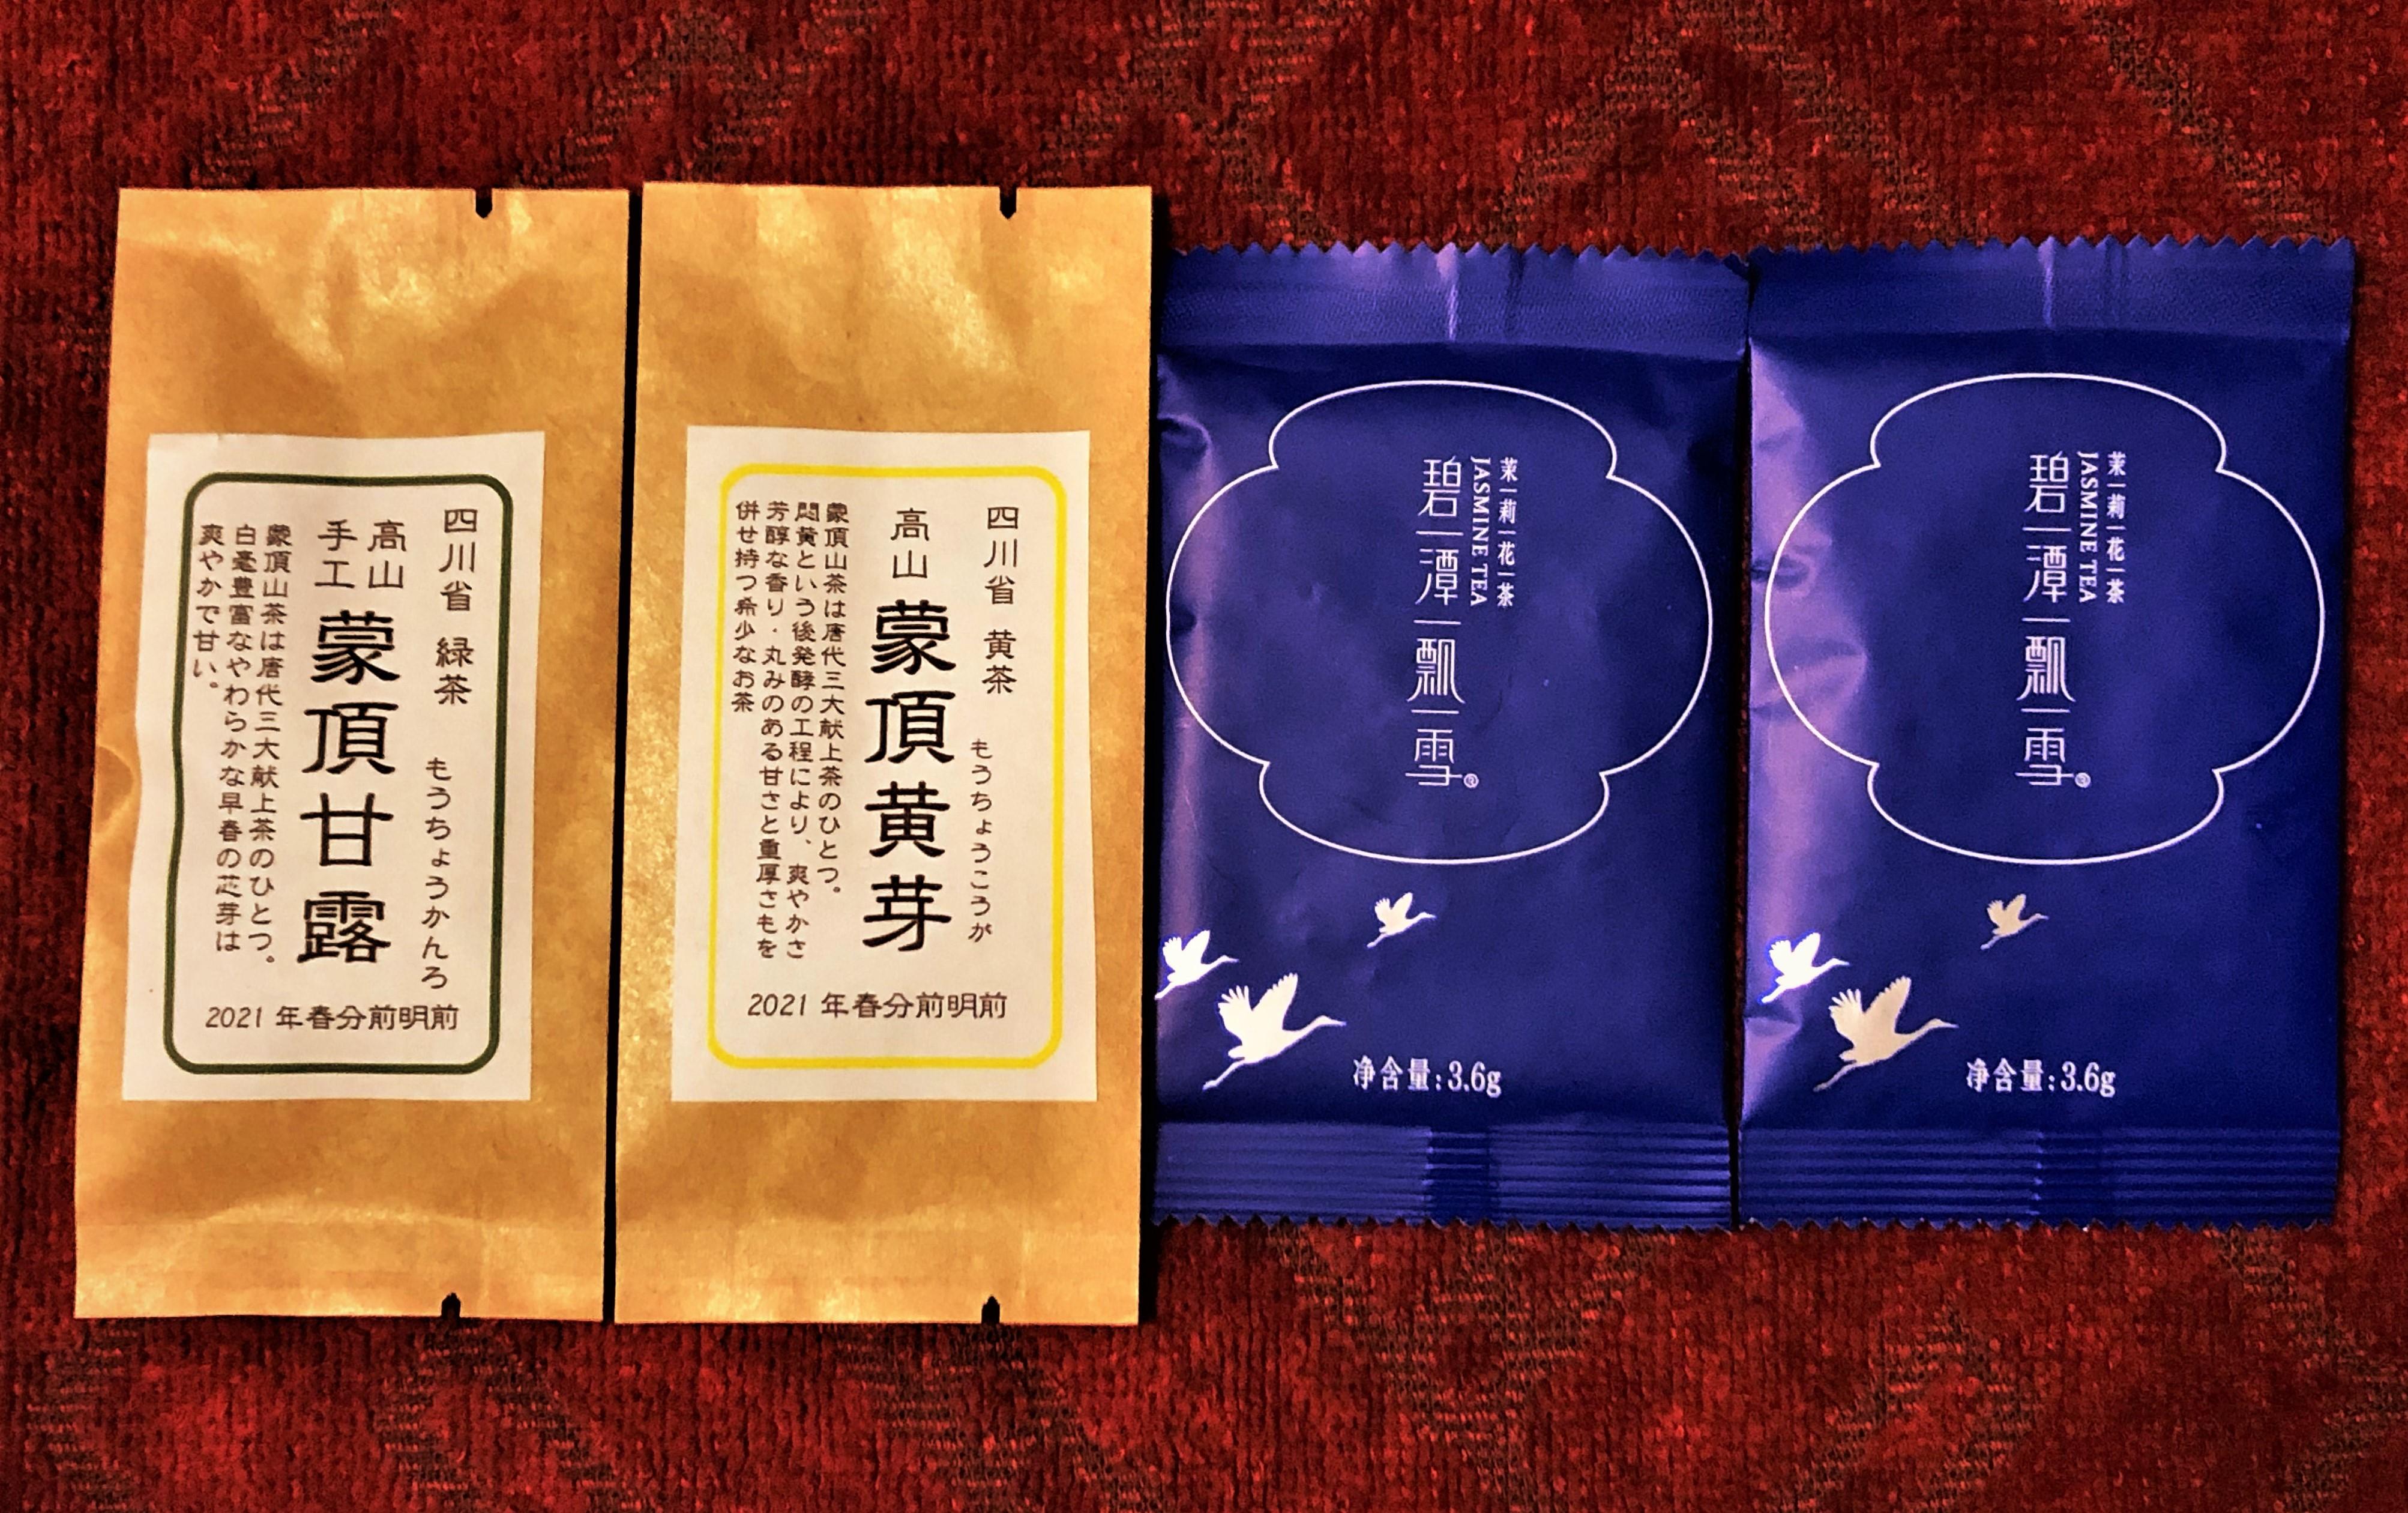 四川茶お試し2021